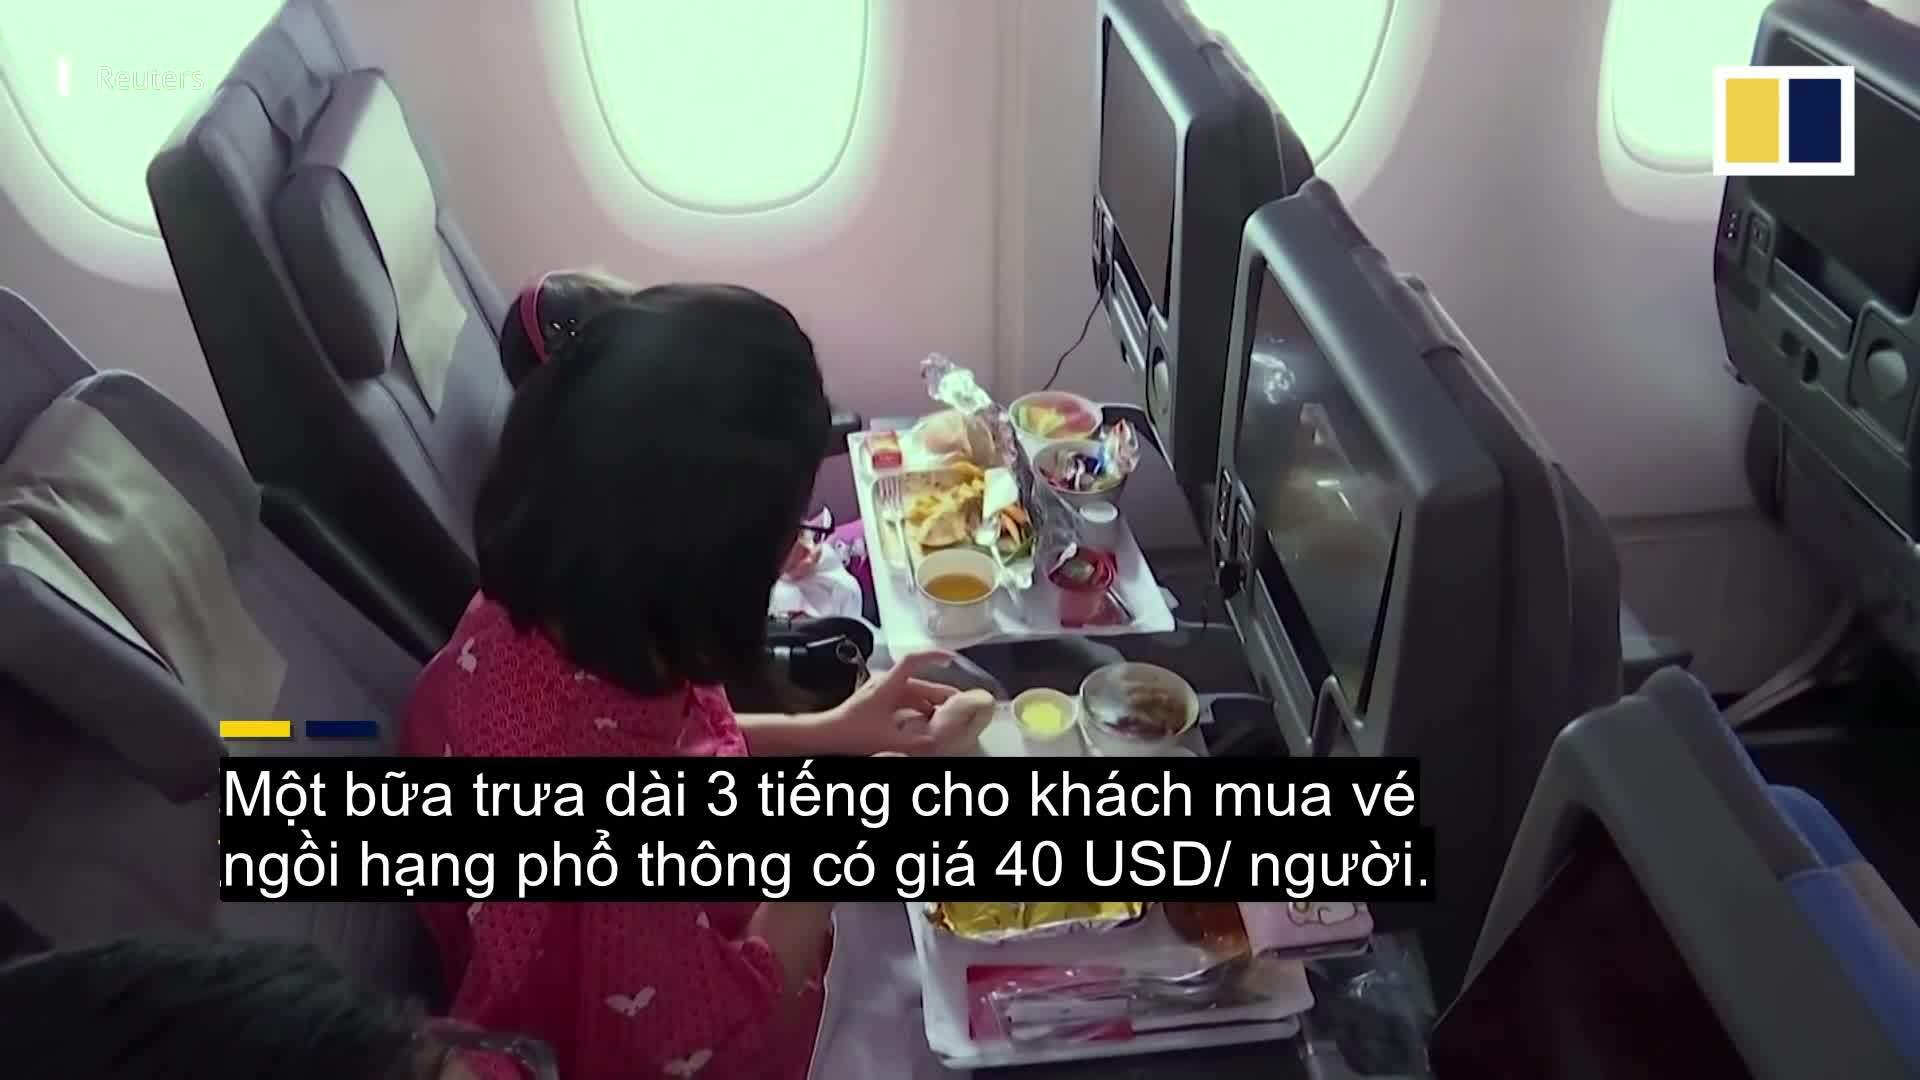 Nhà hàng trên máy bay 'cháy vé' 900 suất ăn